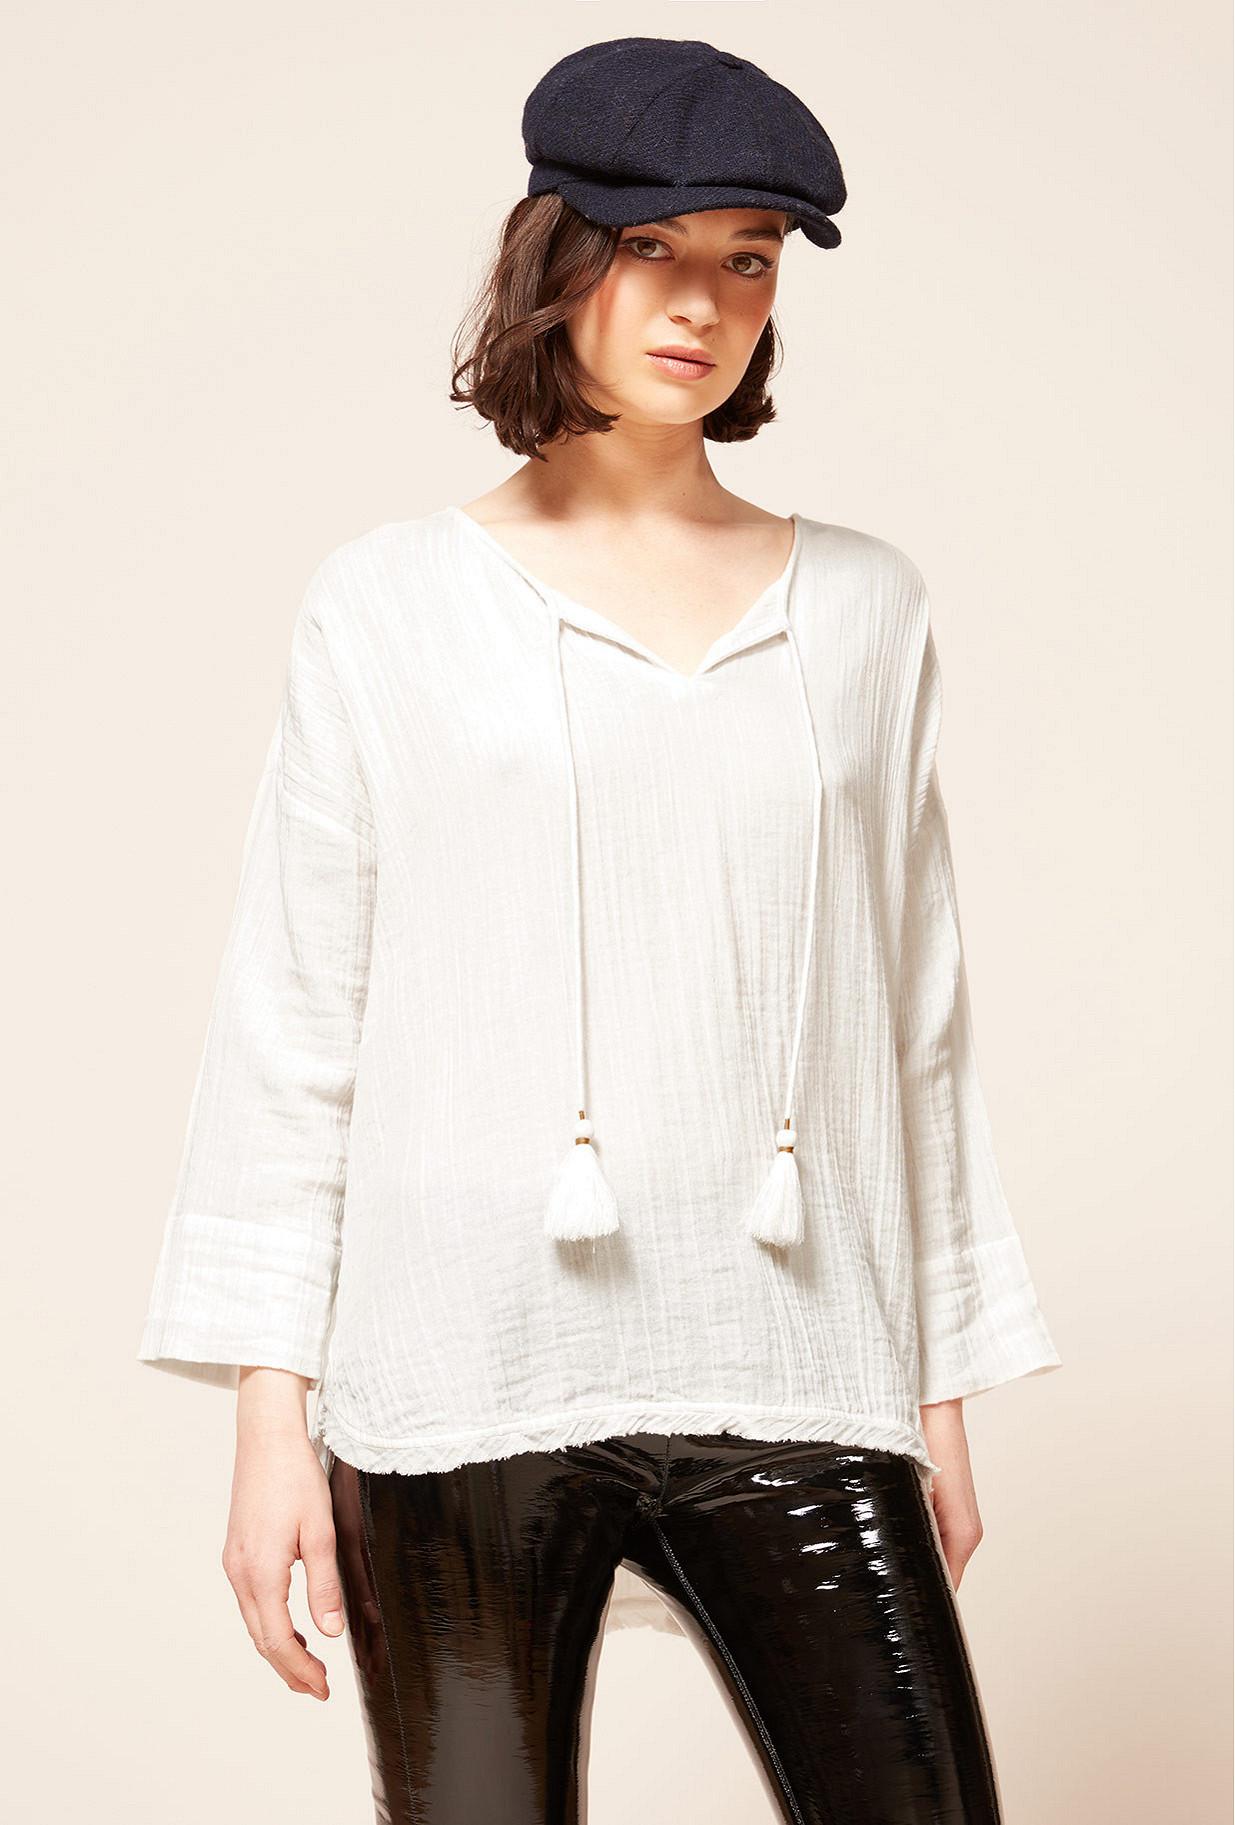 Paris boutique de mode vêtement Blouse créateur bohème  Digest